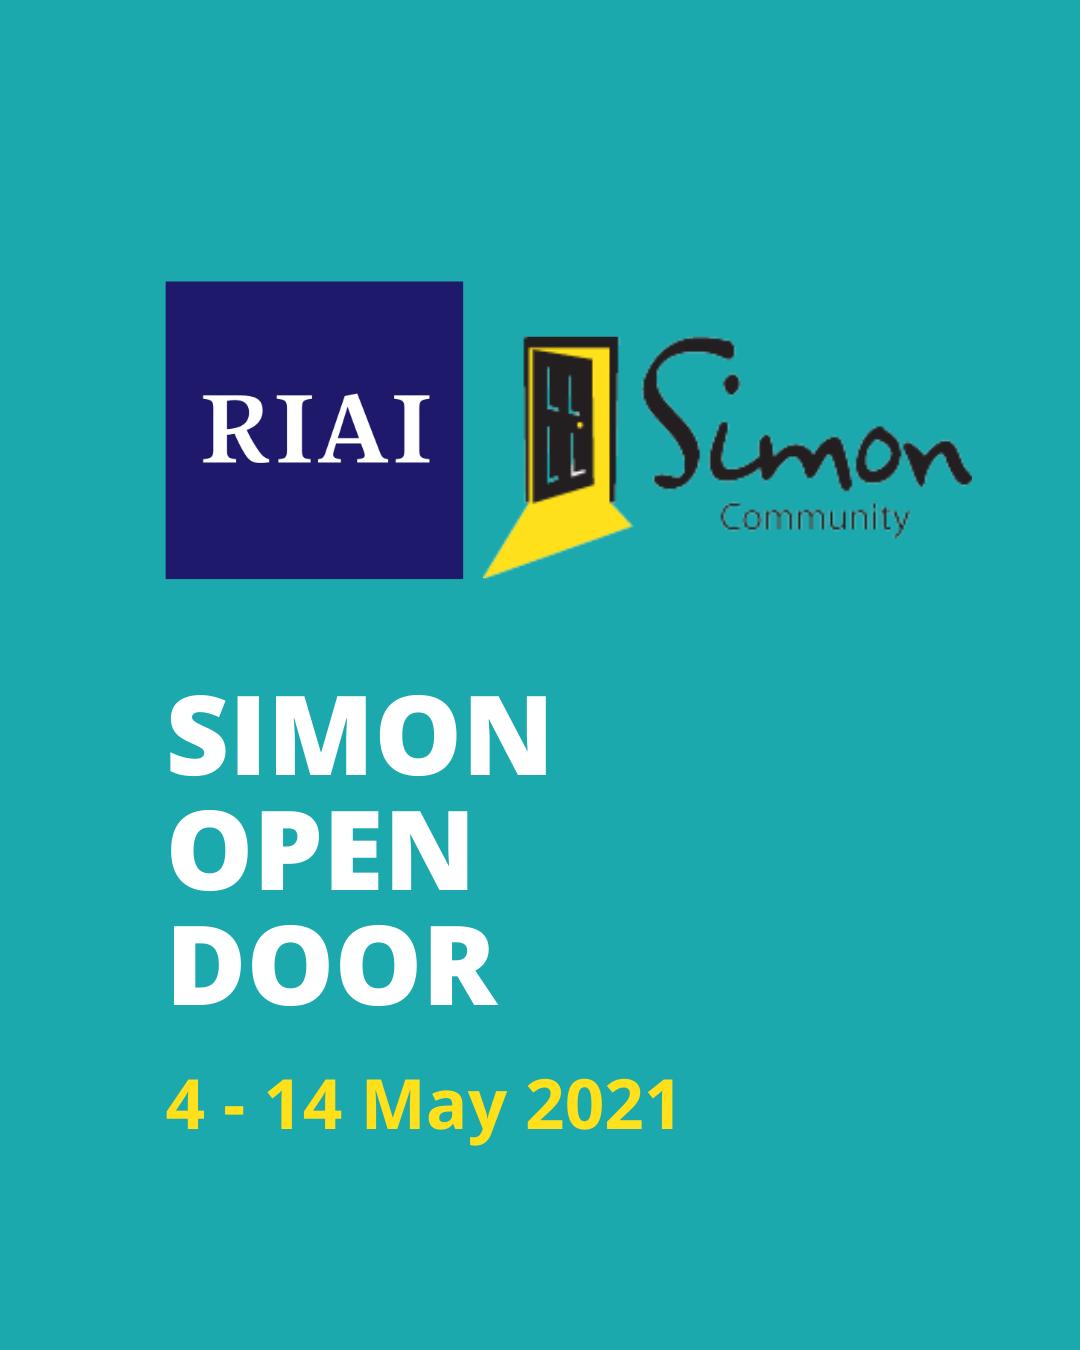 RIAI Simon Open Door 2021